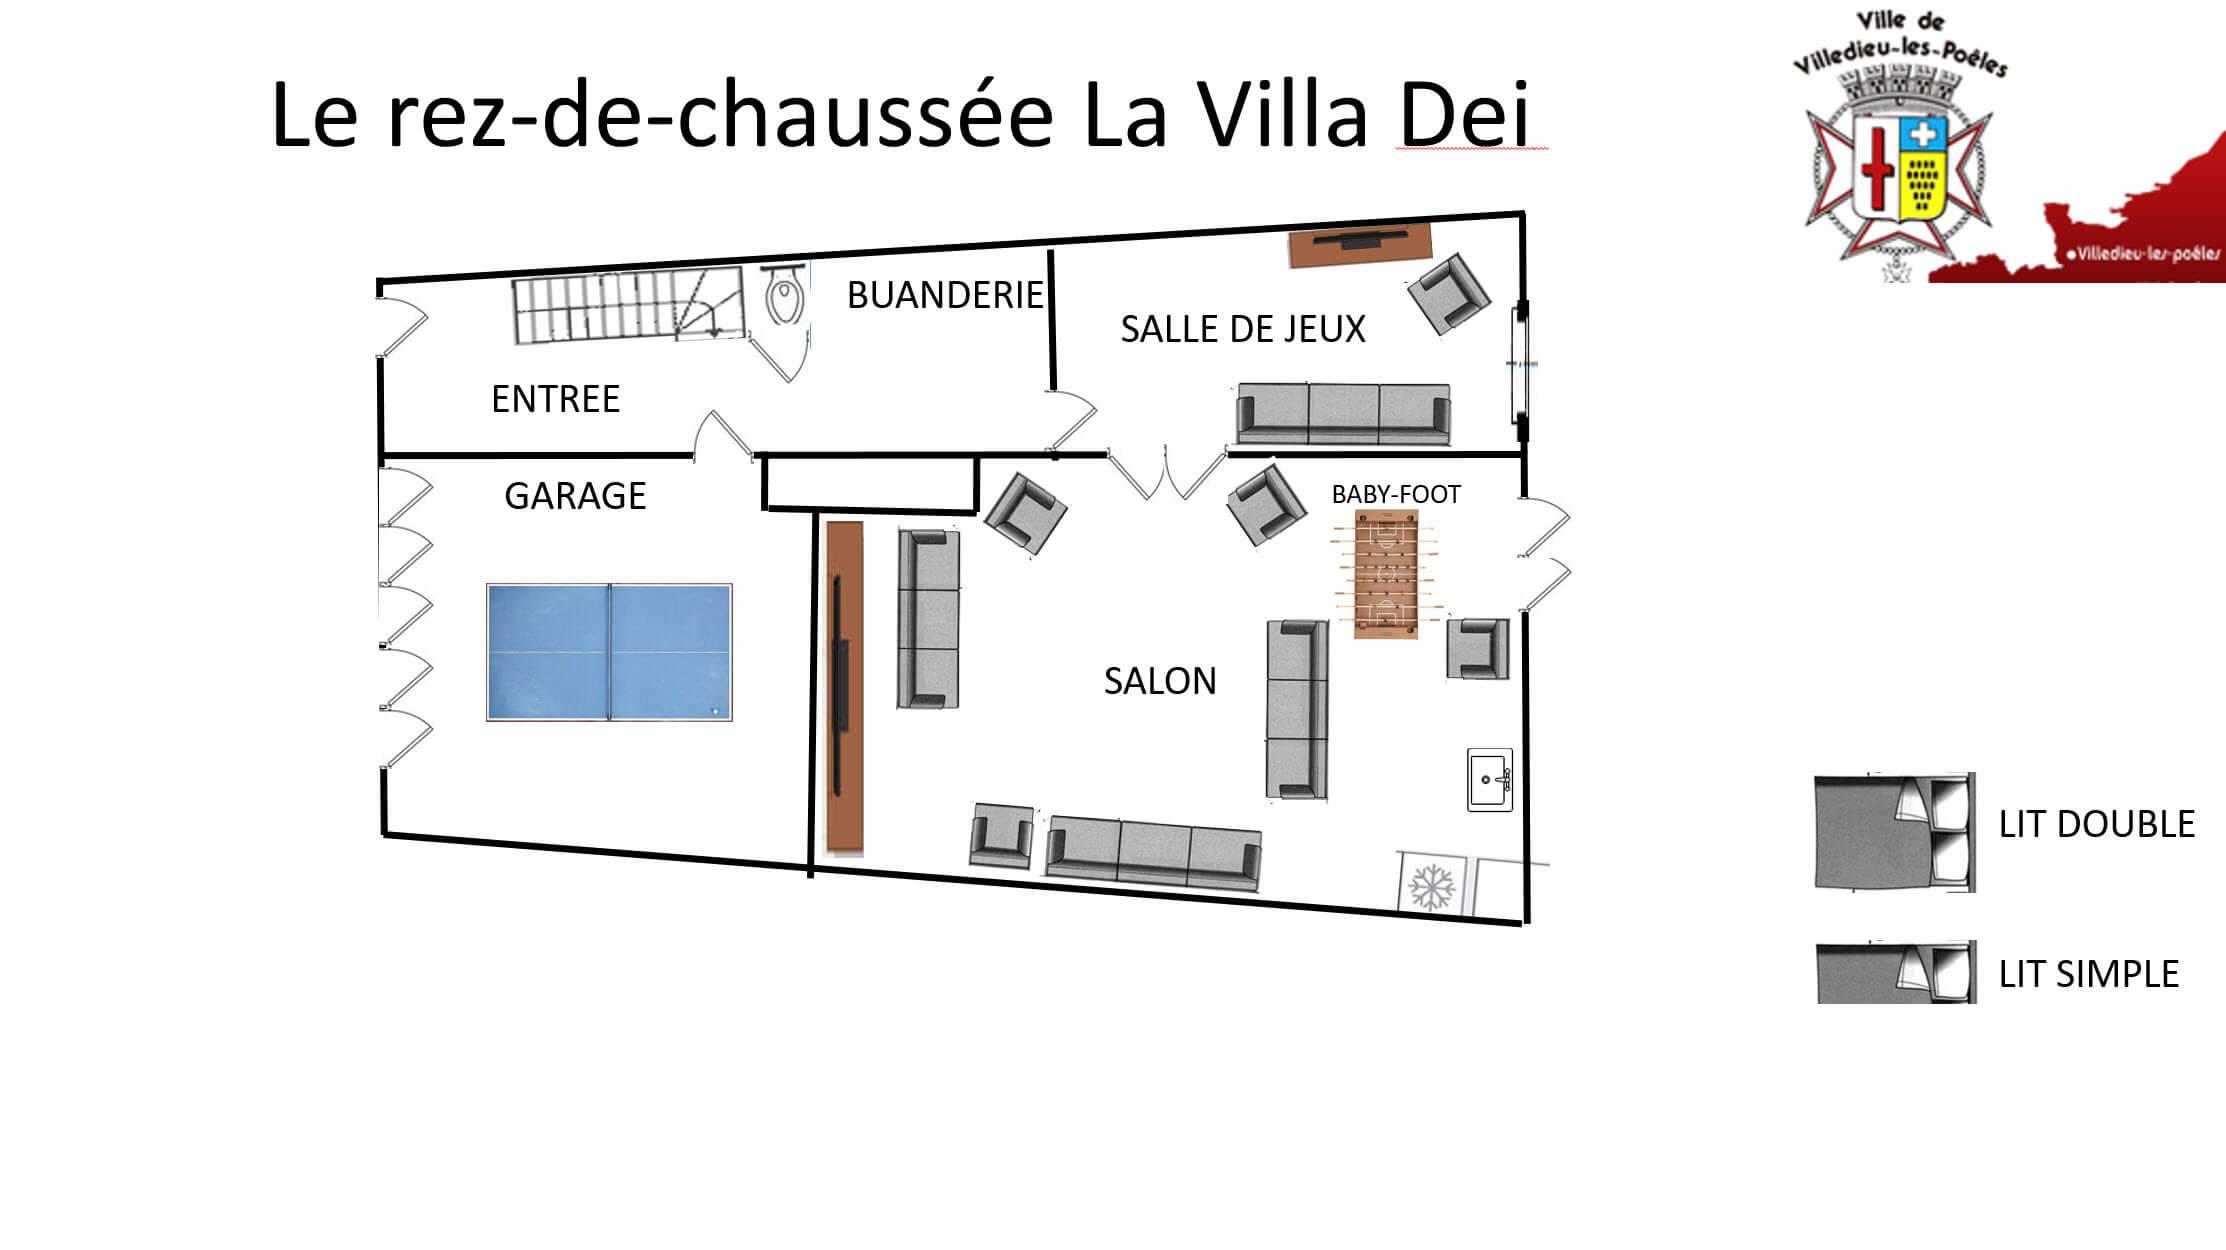 La Villa Dei RDC - GÎTE LA VILLA DEI - Location de Gite La Clef Decamp - Laclefdecamp.fr